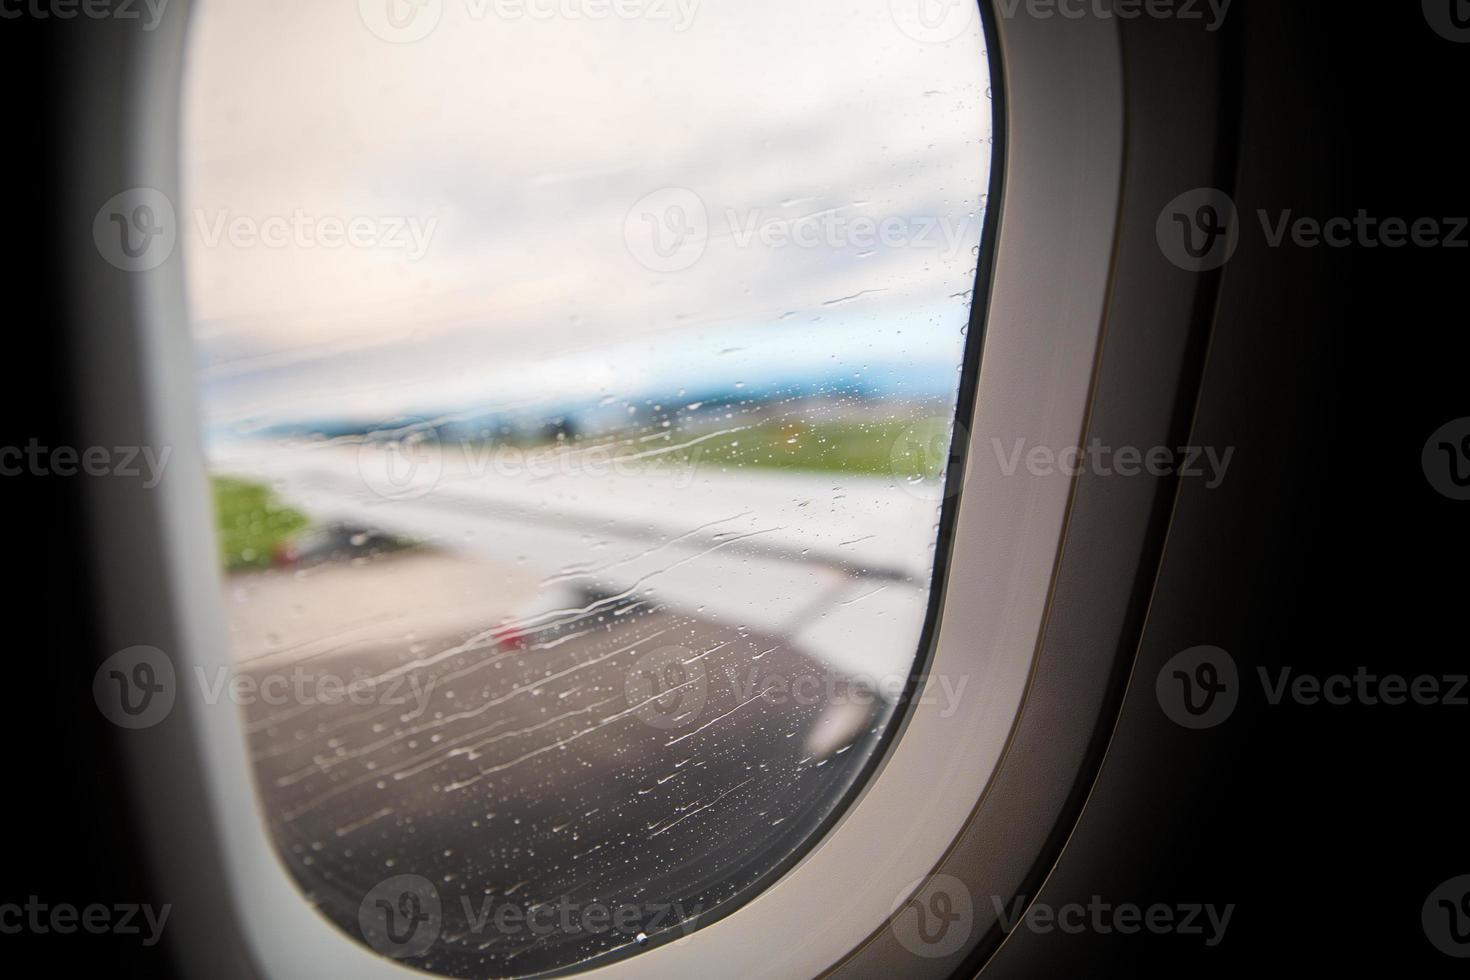 volando a algún lugar más soleado foto